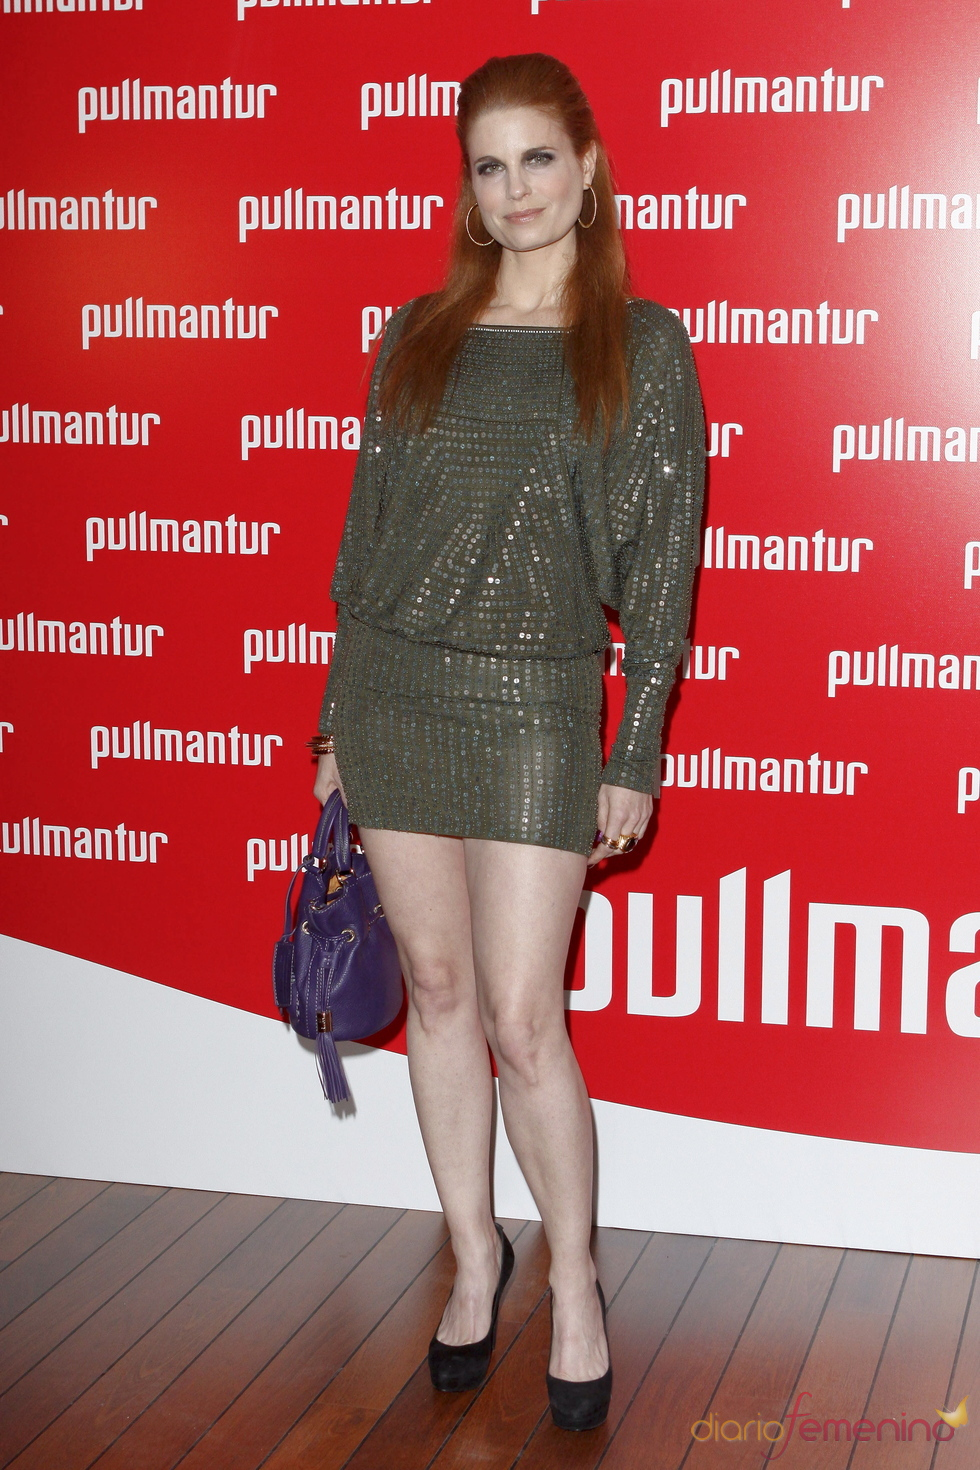 Olivia de Borbón posa a su llegada a la fiesta 'Pullmantur'